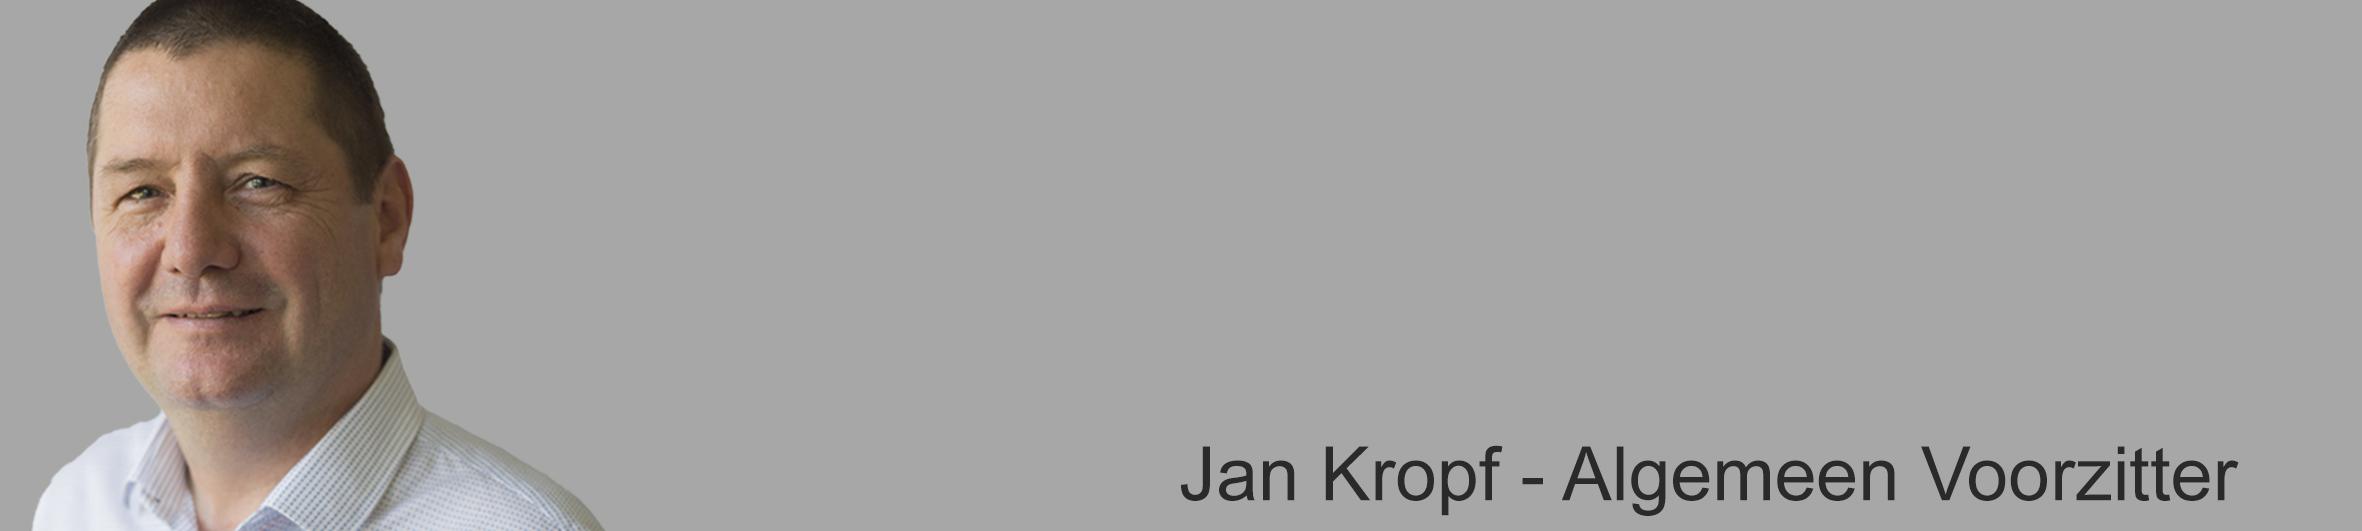 2018-11-23_Jan_Kropf_